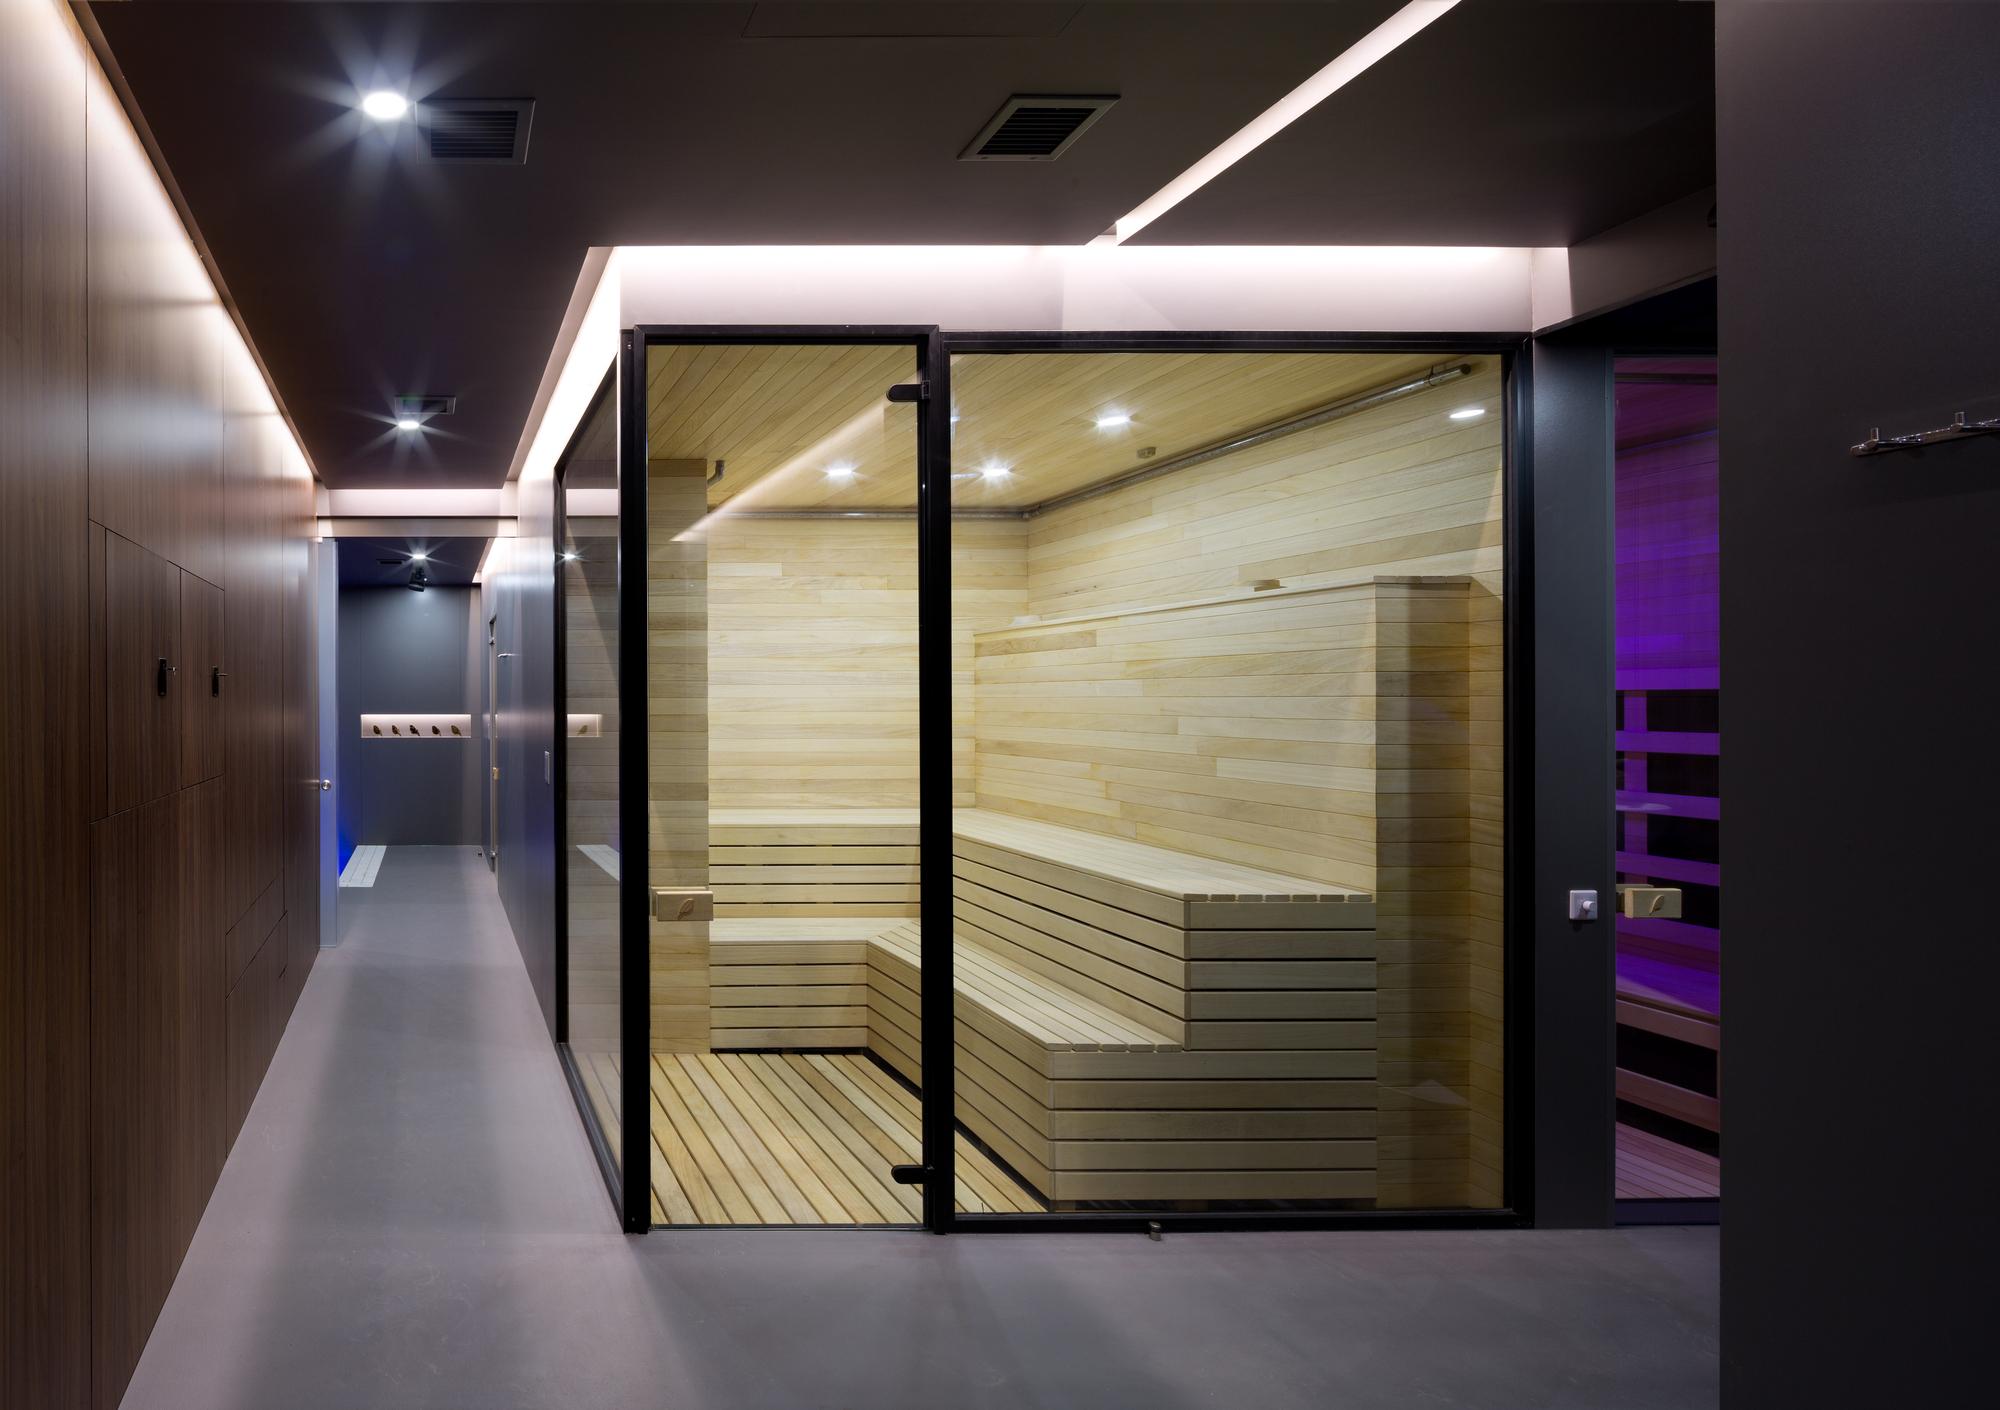 galer a de spa relax park verholy yod design studio 5. Black Bedroom Furniture Sets. Home Design Ideas